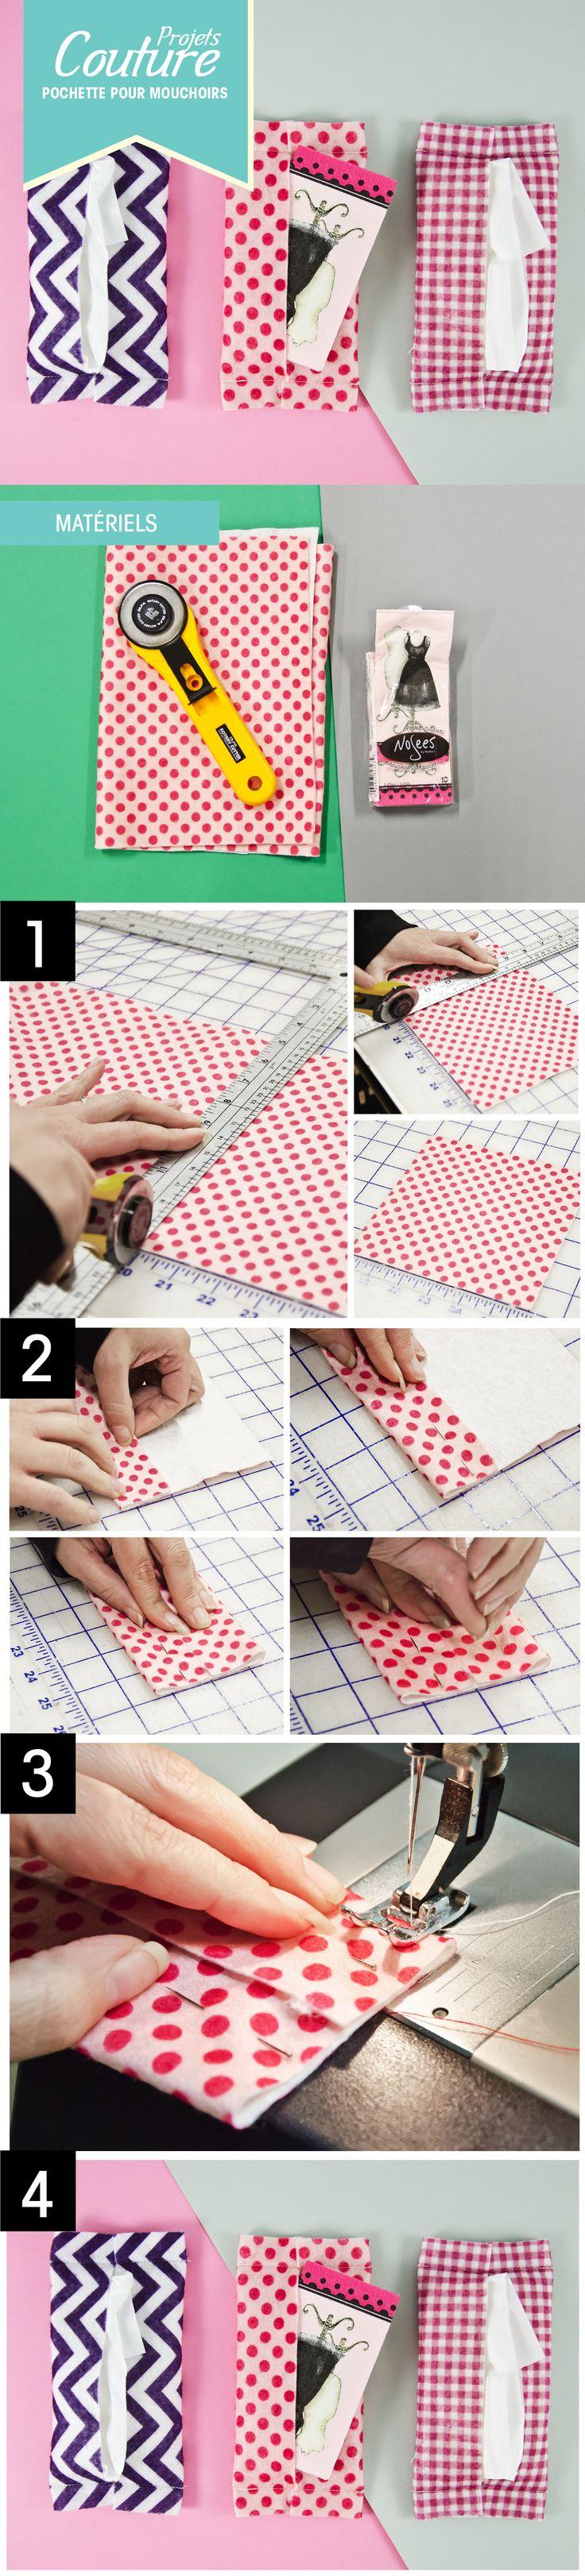 PAS À PAS: Une pochette pour vos mouchoirs! #DIY #couture #motif #feutre #bricolage http://clubtissus.com/articles-blog/articles-couture/projet-pochette-mouchoirs